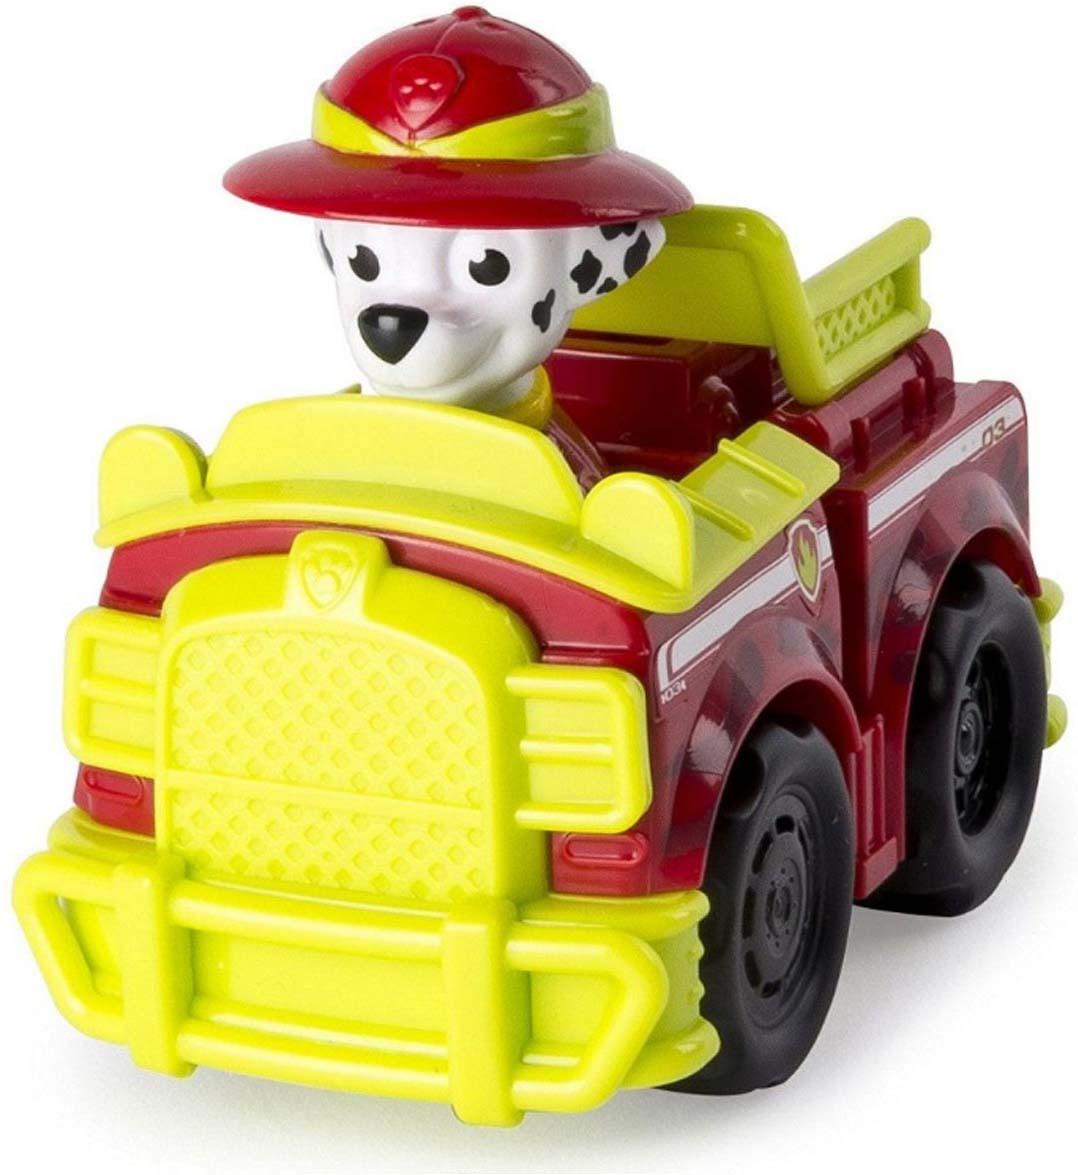 Paw Patrol Машина спасателя Chase 16605_20088407 игровой набор paw patrol машина спасателя со щенком